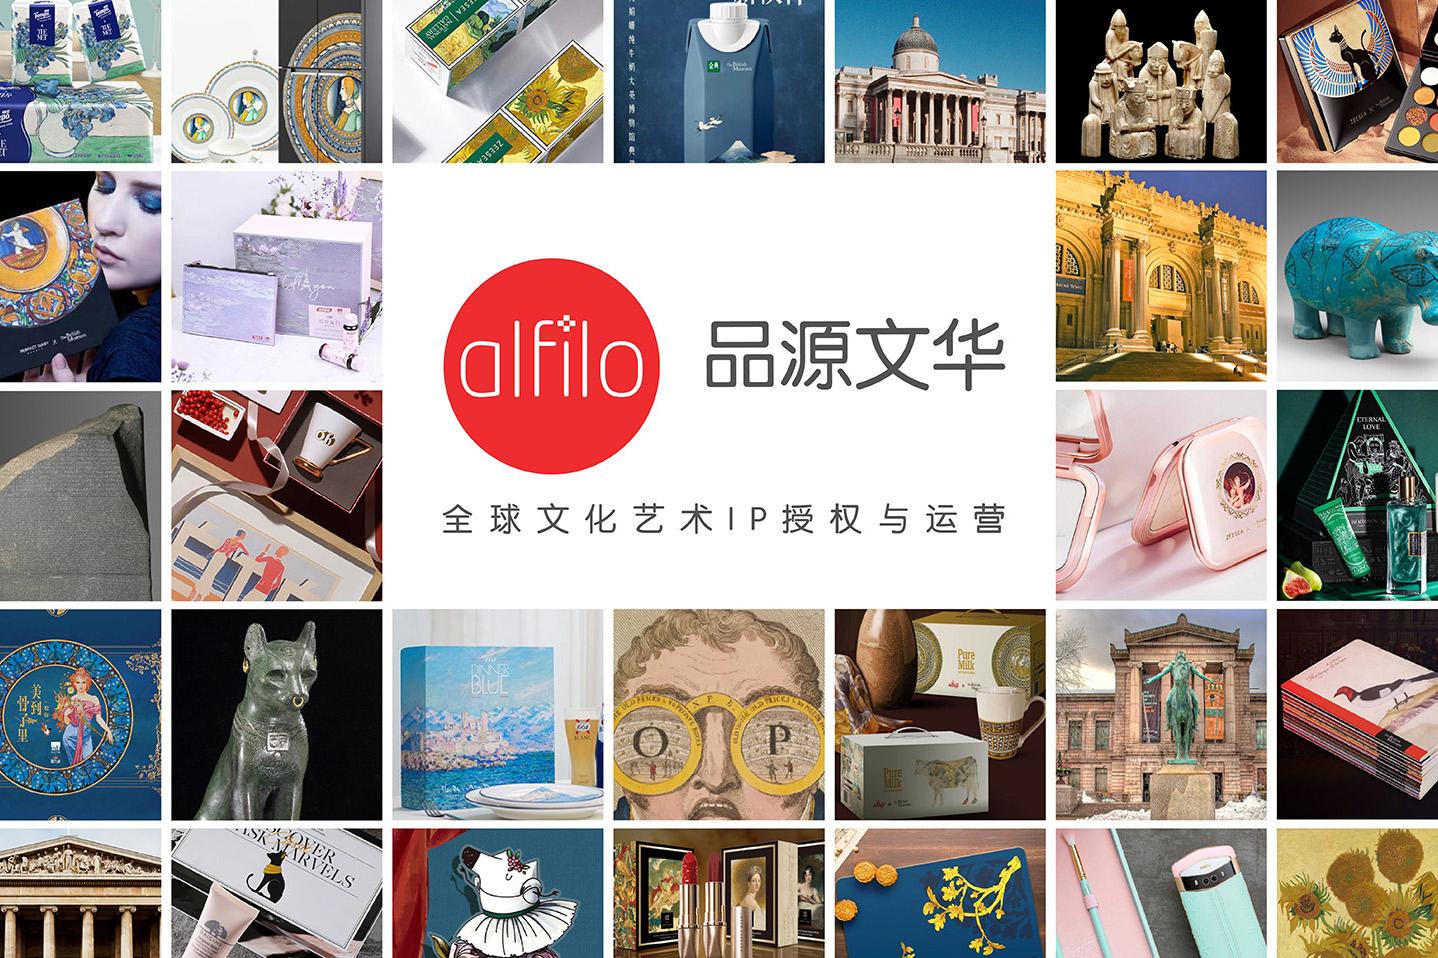 全球文化艺术IP 授权与运营商品源文华完成1600万美元A+轮融资